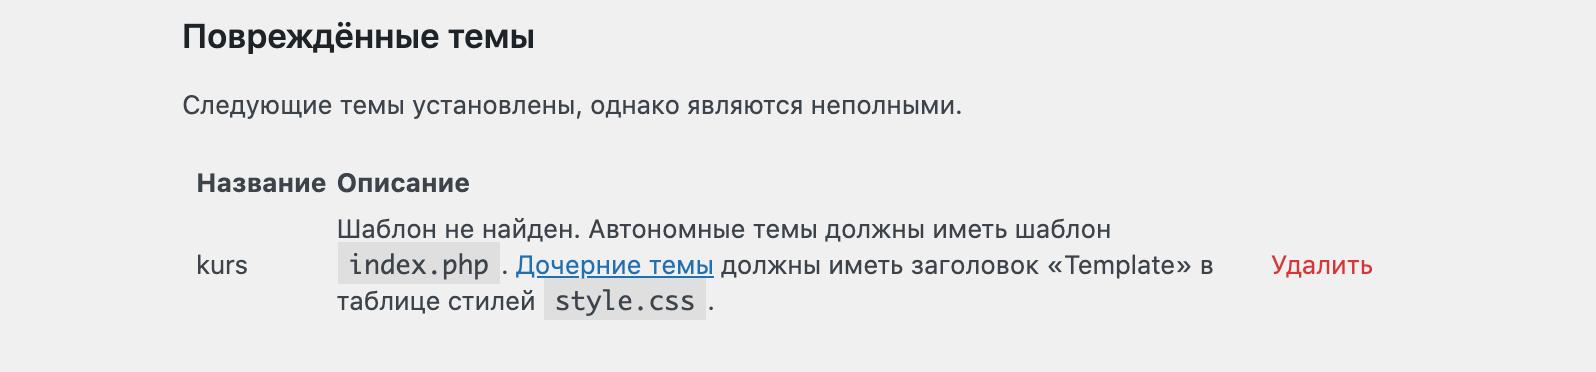 Отсутствует index.php главный шаблон темы вордпресс